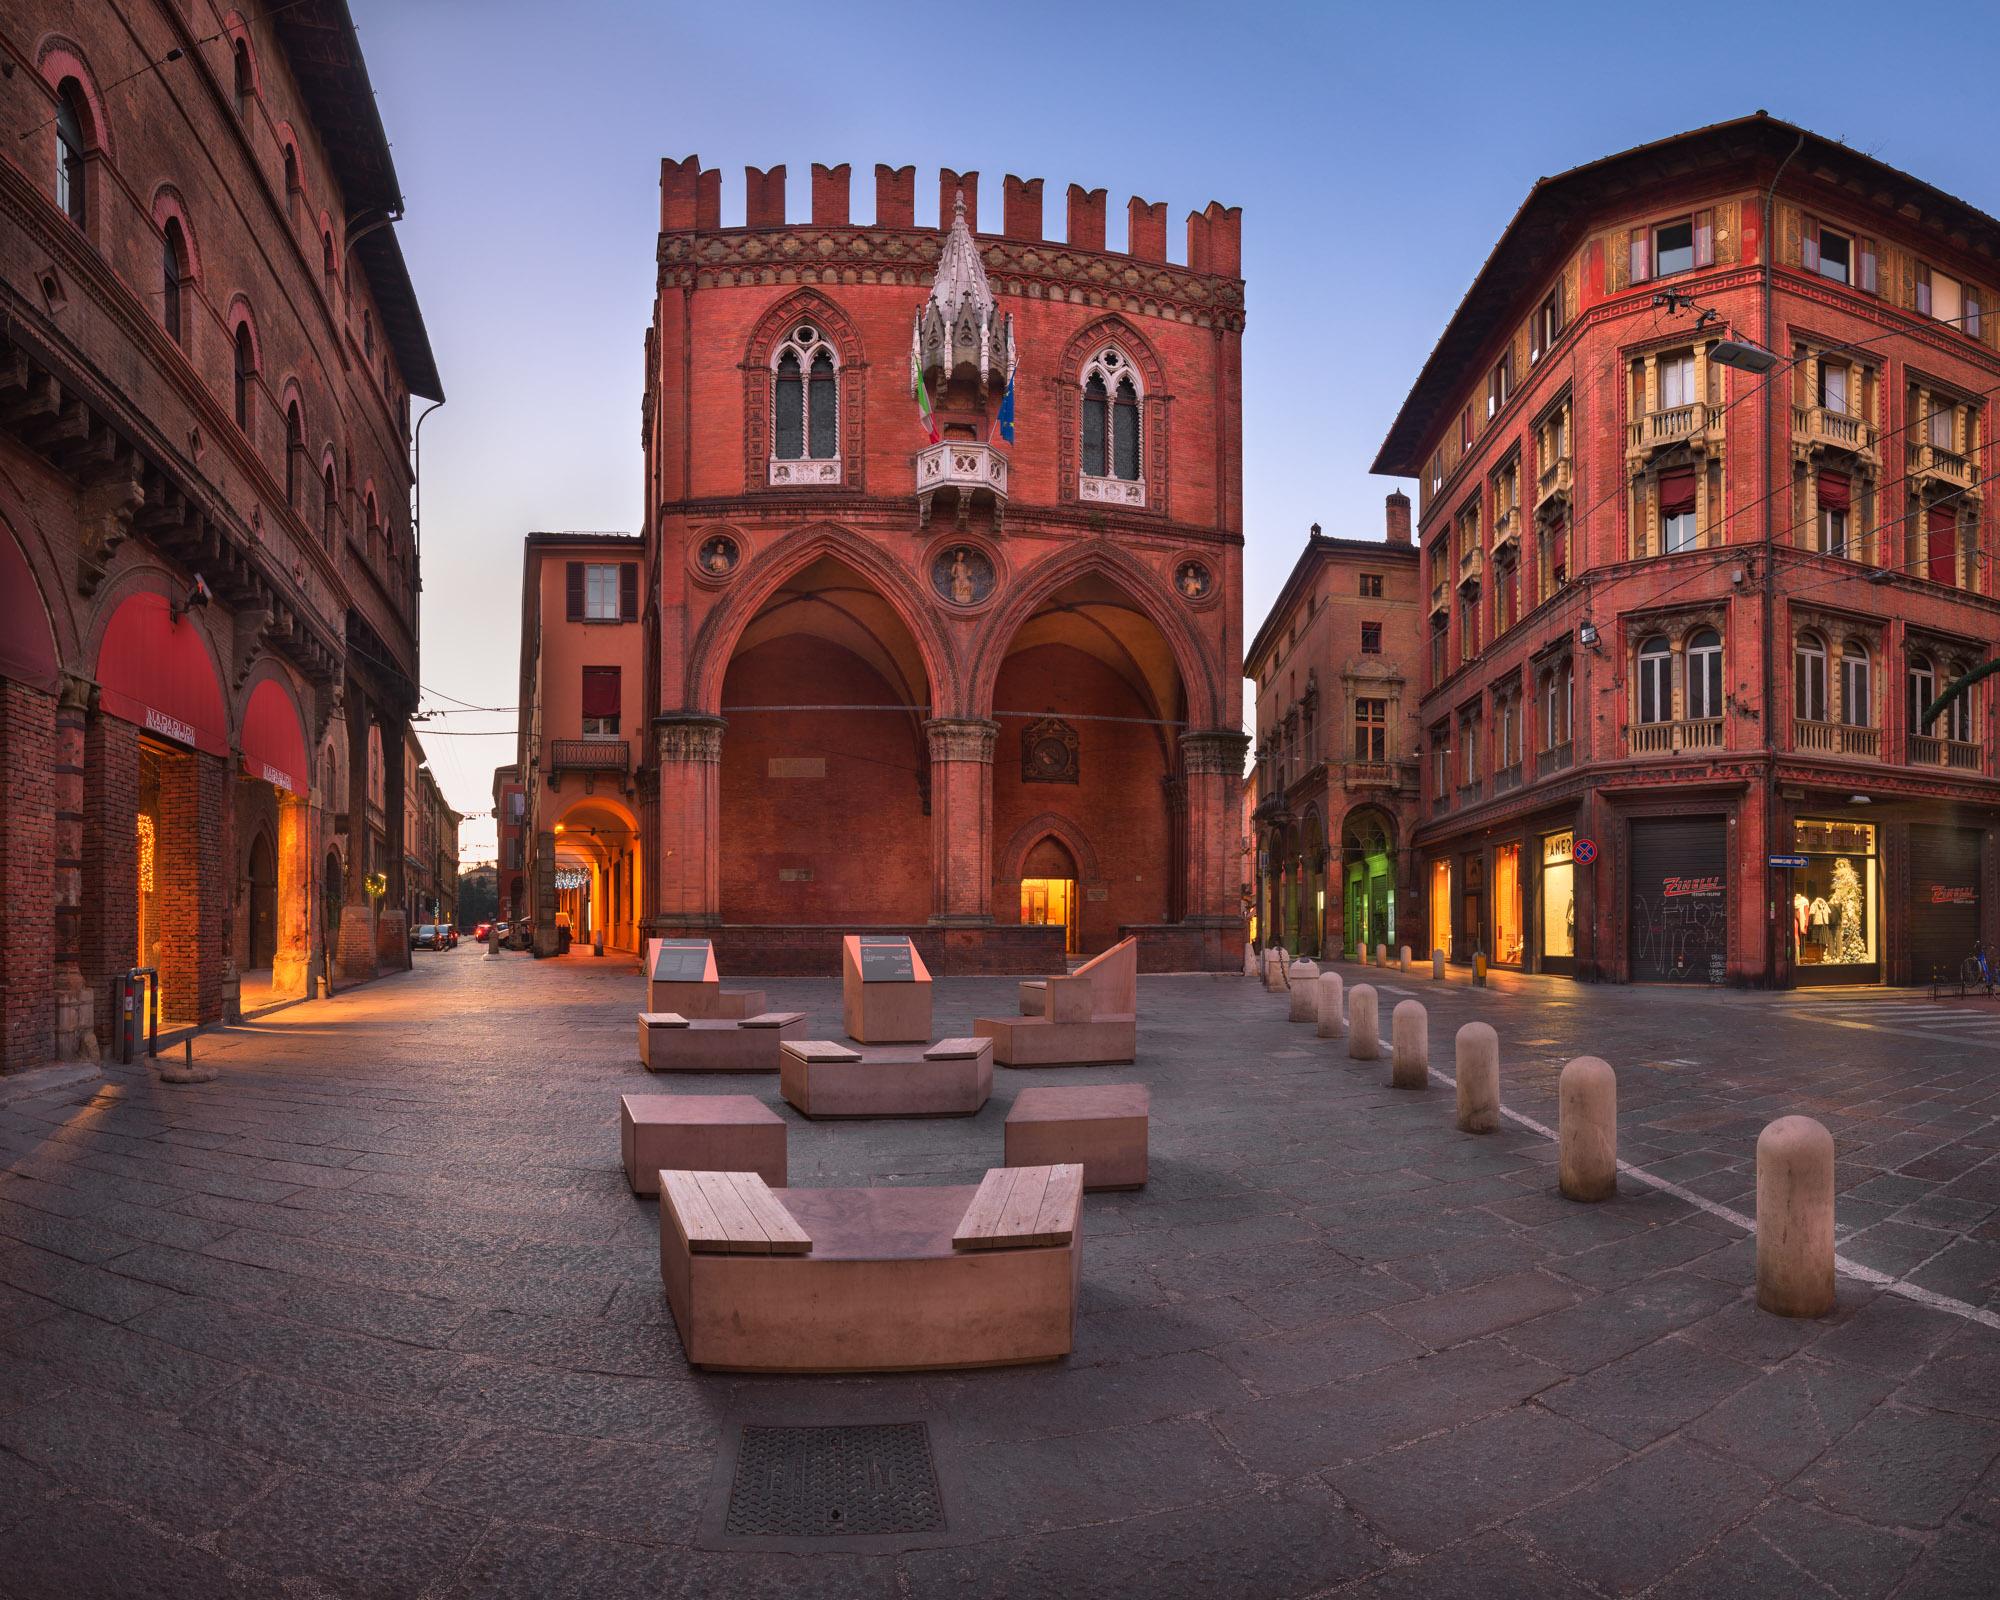 Piazza della Mercanzia, Bologna, Italy